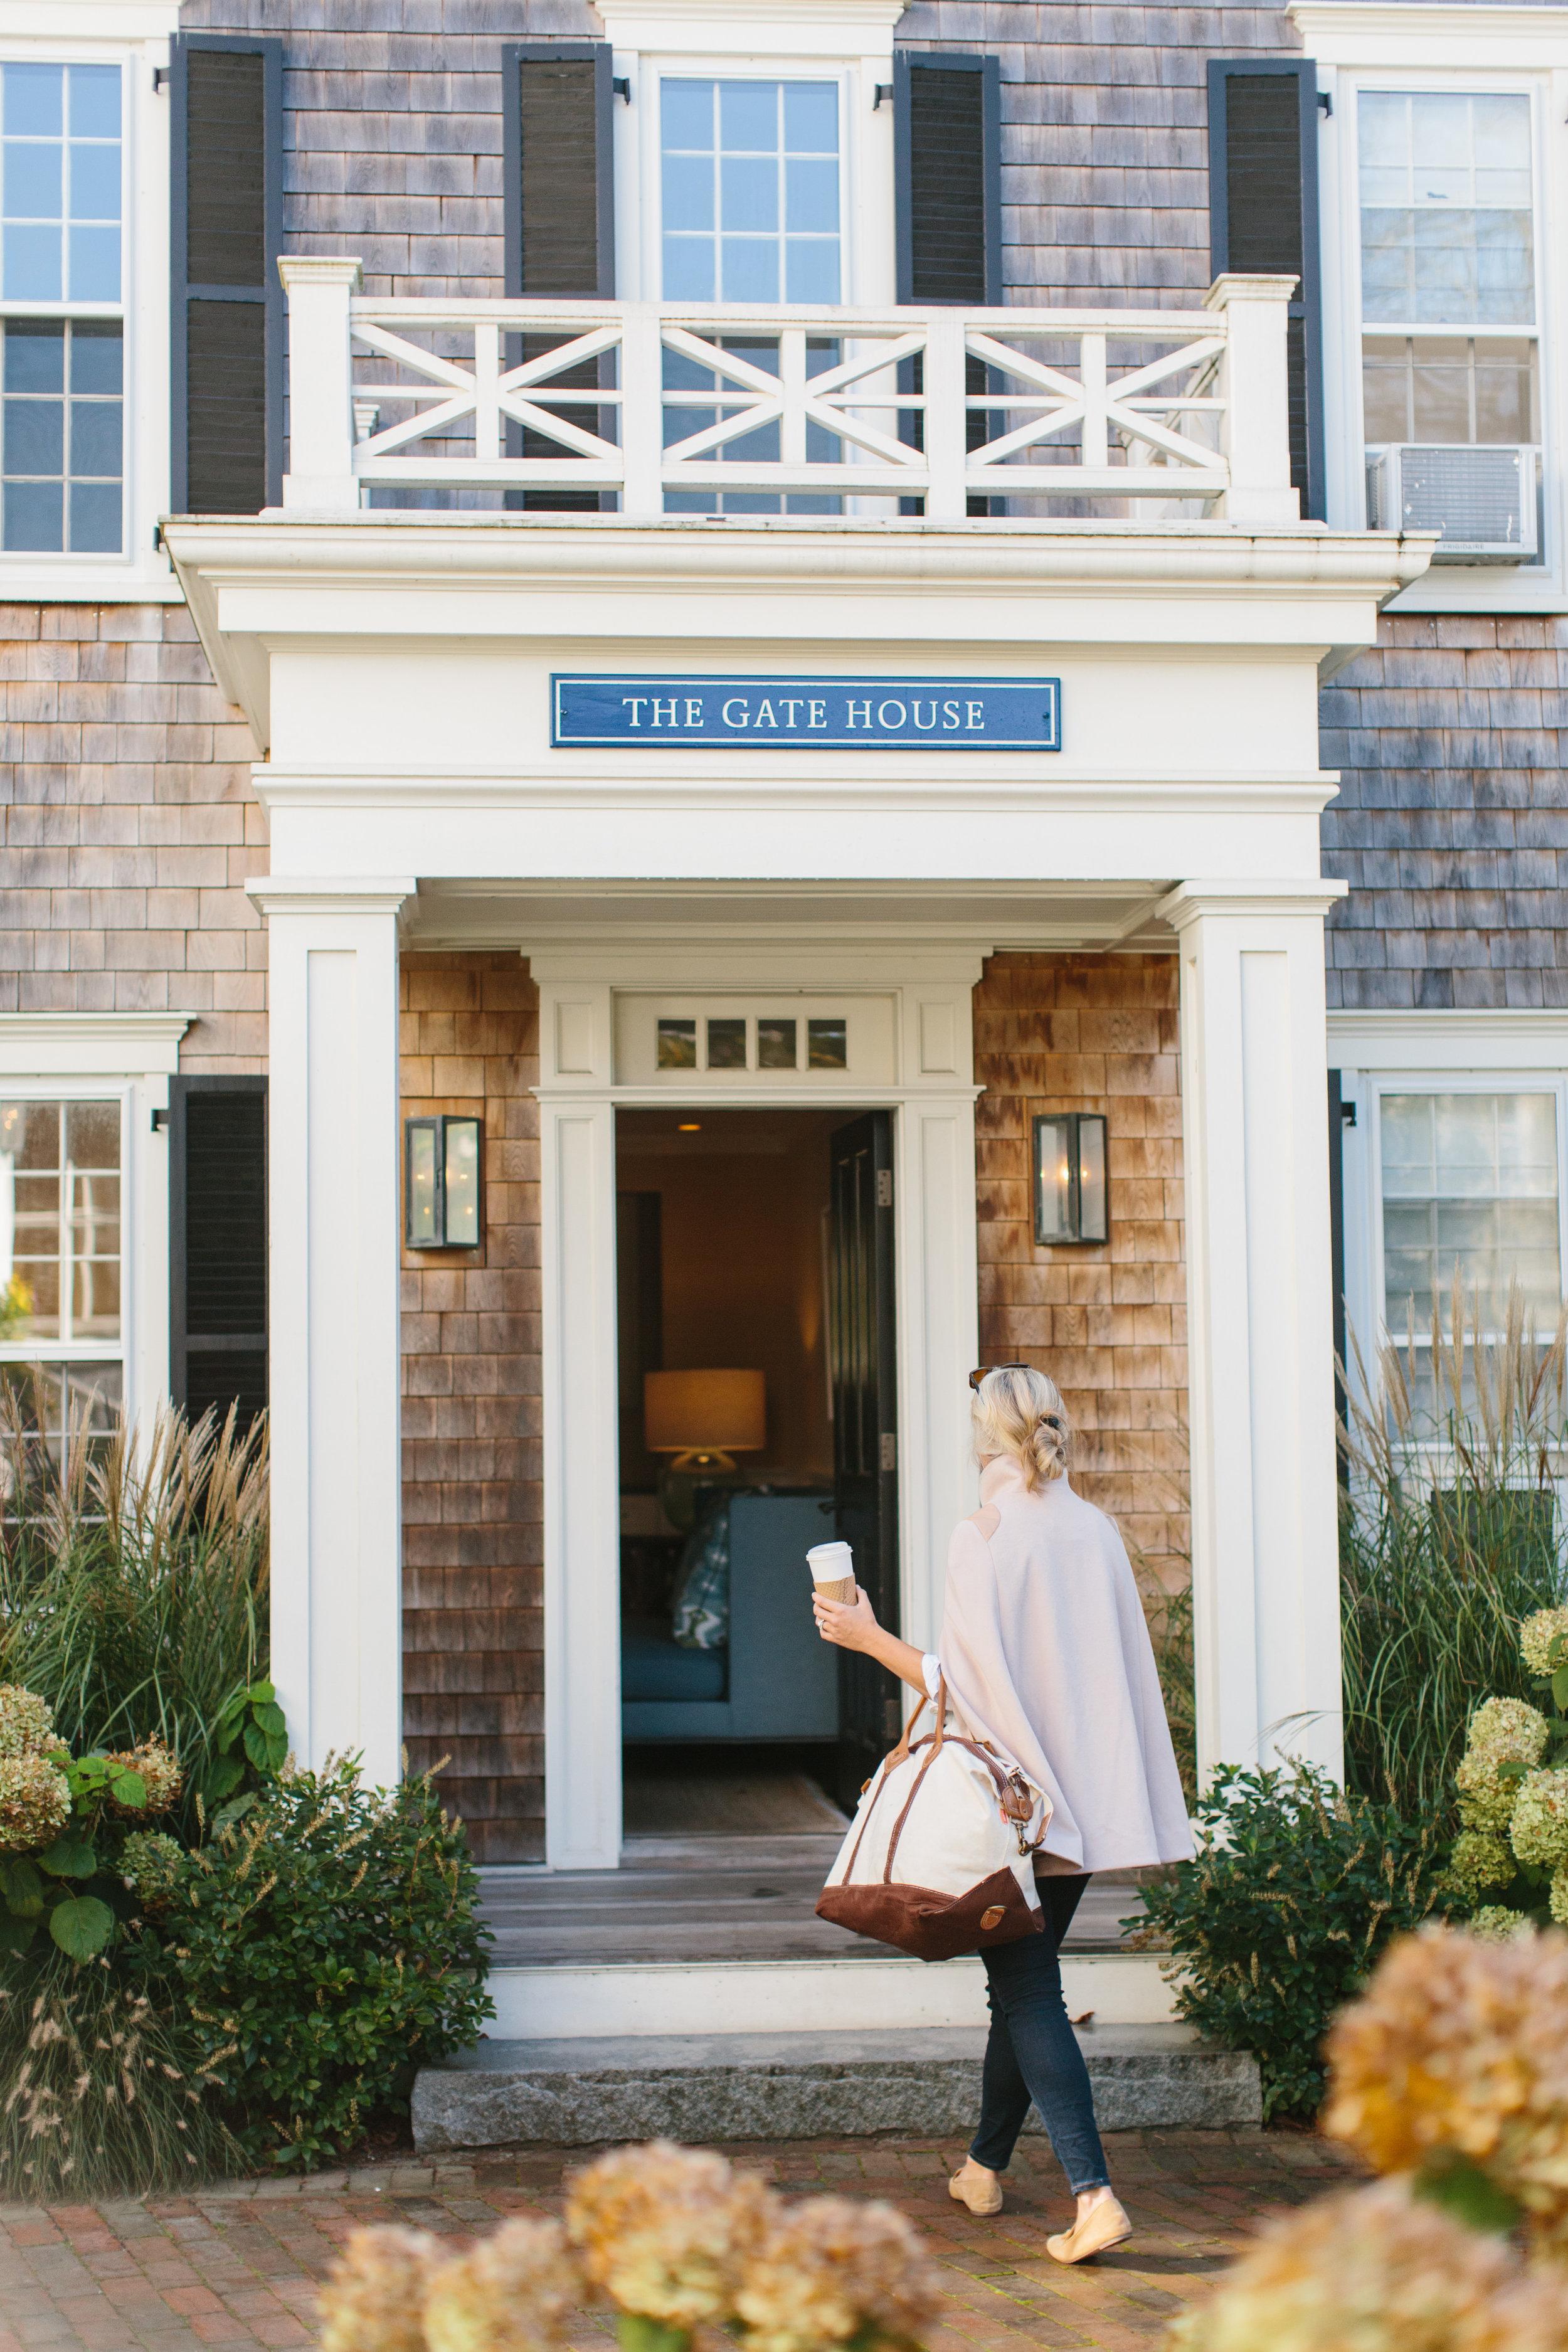 Nantucket Travel Guide New England Blogger Abby Capalbo | Photography: Erin McGinn